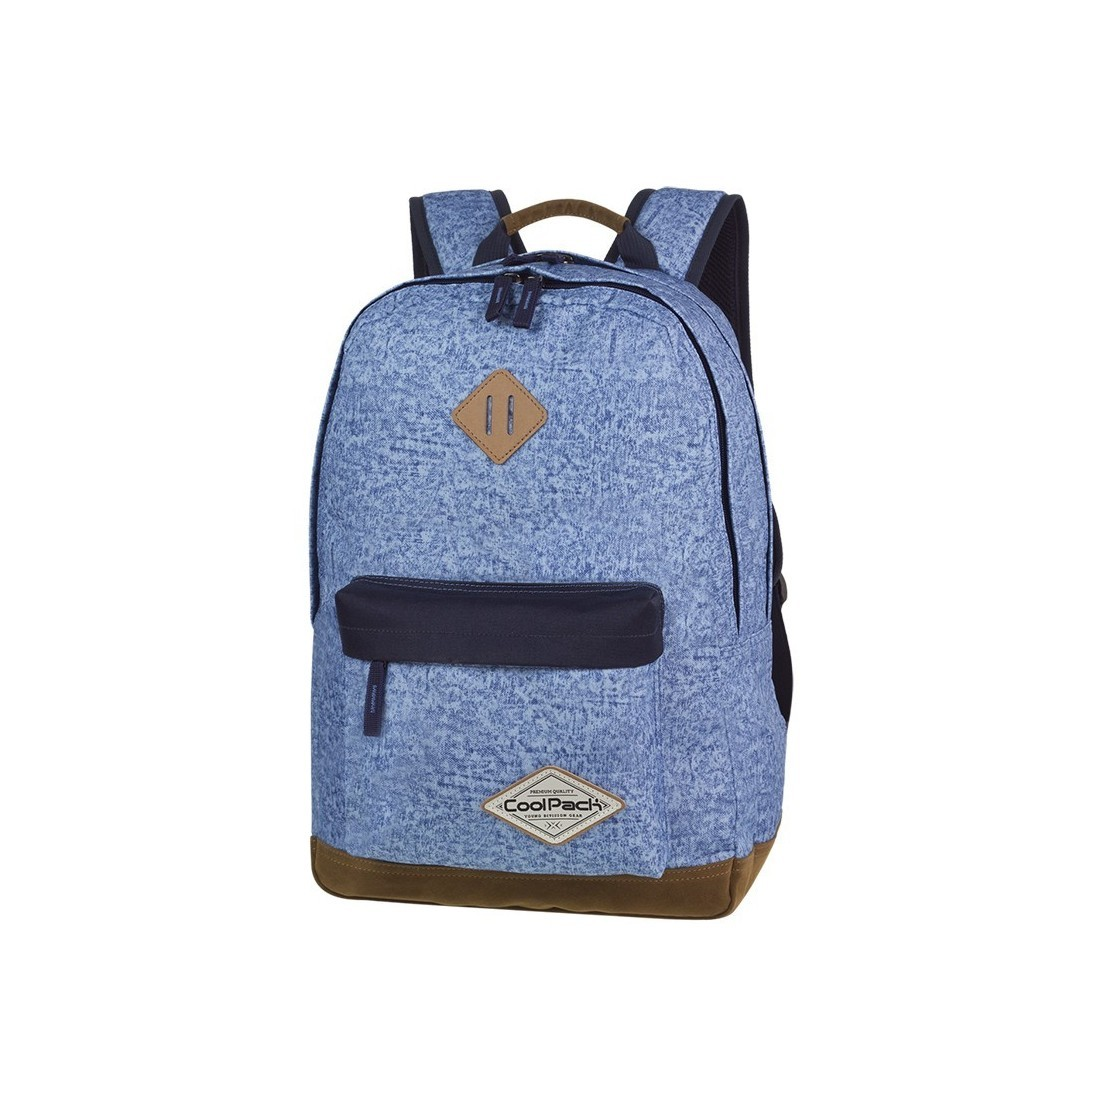 51b91f0cc8bab Plecak młodzieżowy CoolPack CP SCOUT SHABBY BLUE niebieski melanż czarne  elementy - A119